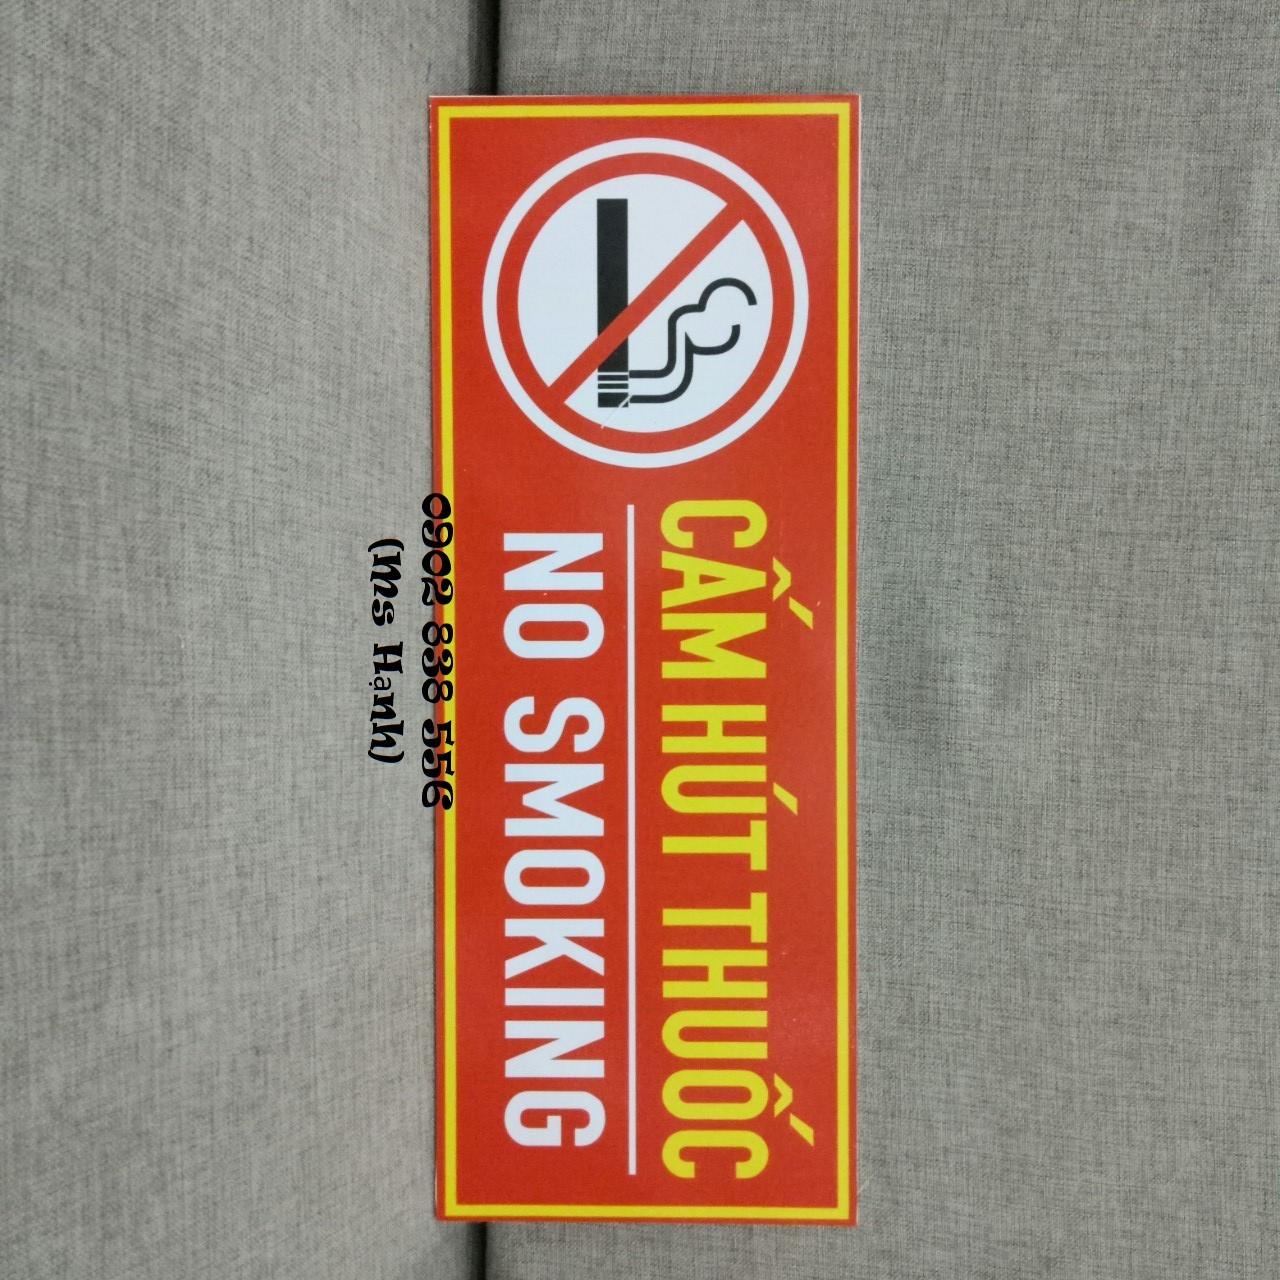 Hình ảnh Giảm giá - Biển báo Fomex dán decal Cấm hút thuốc kích thước 15 x 40cm - hình thật